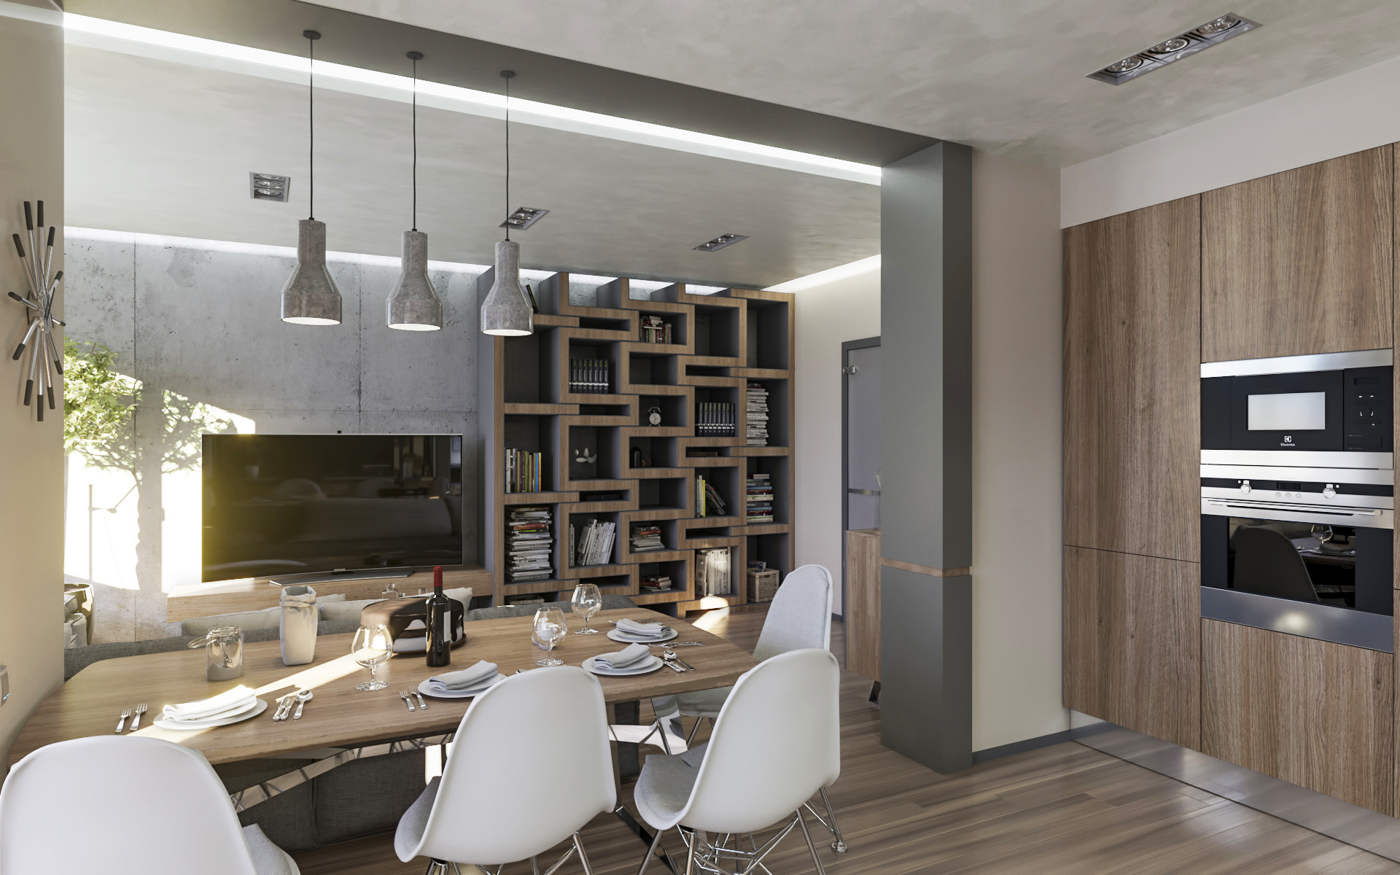 Дизайн кухни столовой фото Киев. скандинавский стиль, лофт ЖК Малахит